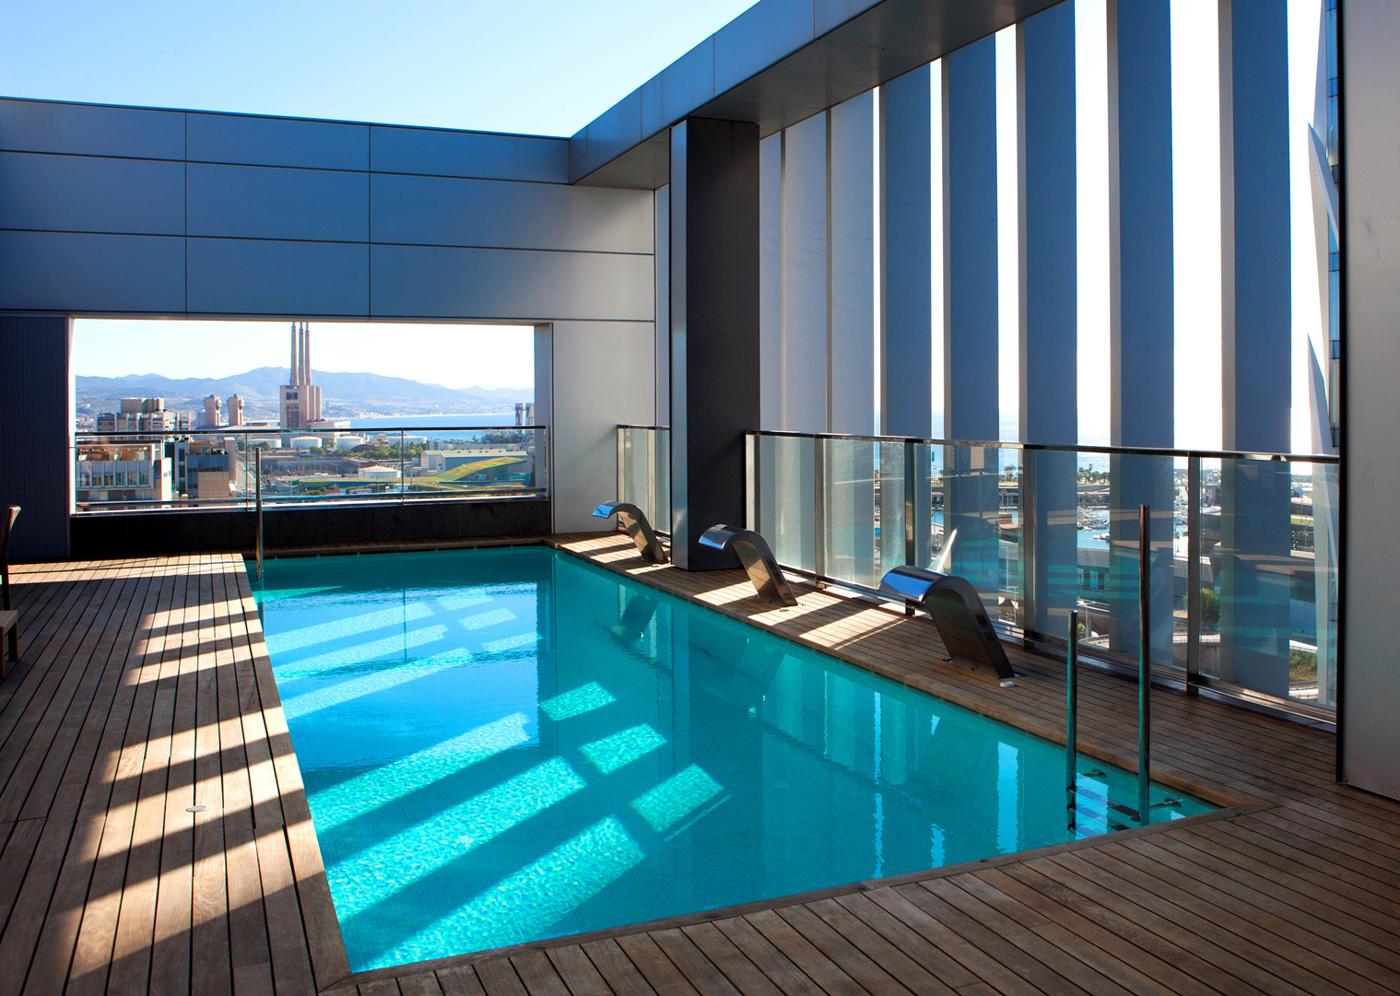 Na | 8 Hôtels À Barcelone Avec Piscine tout Hotel Avec Piscine Barcelone